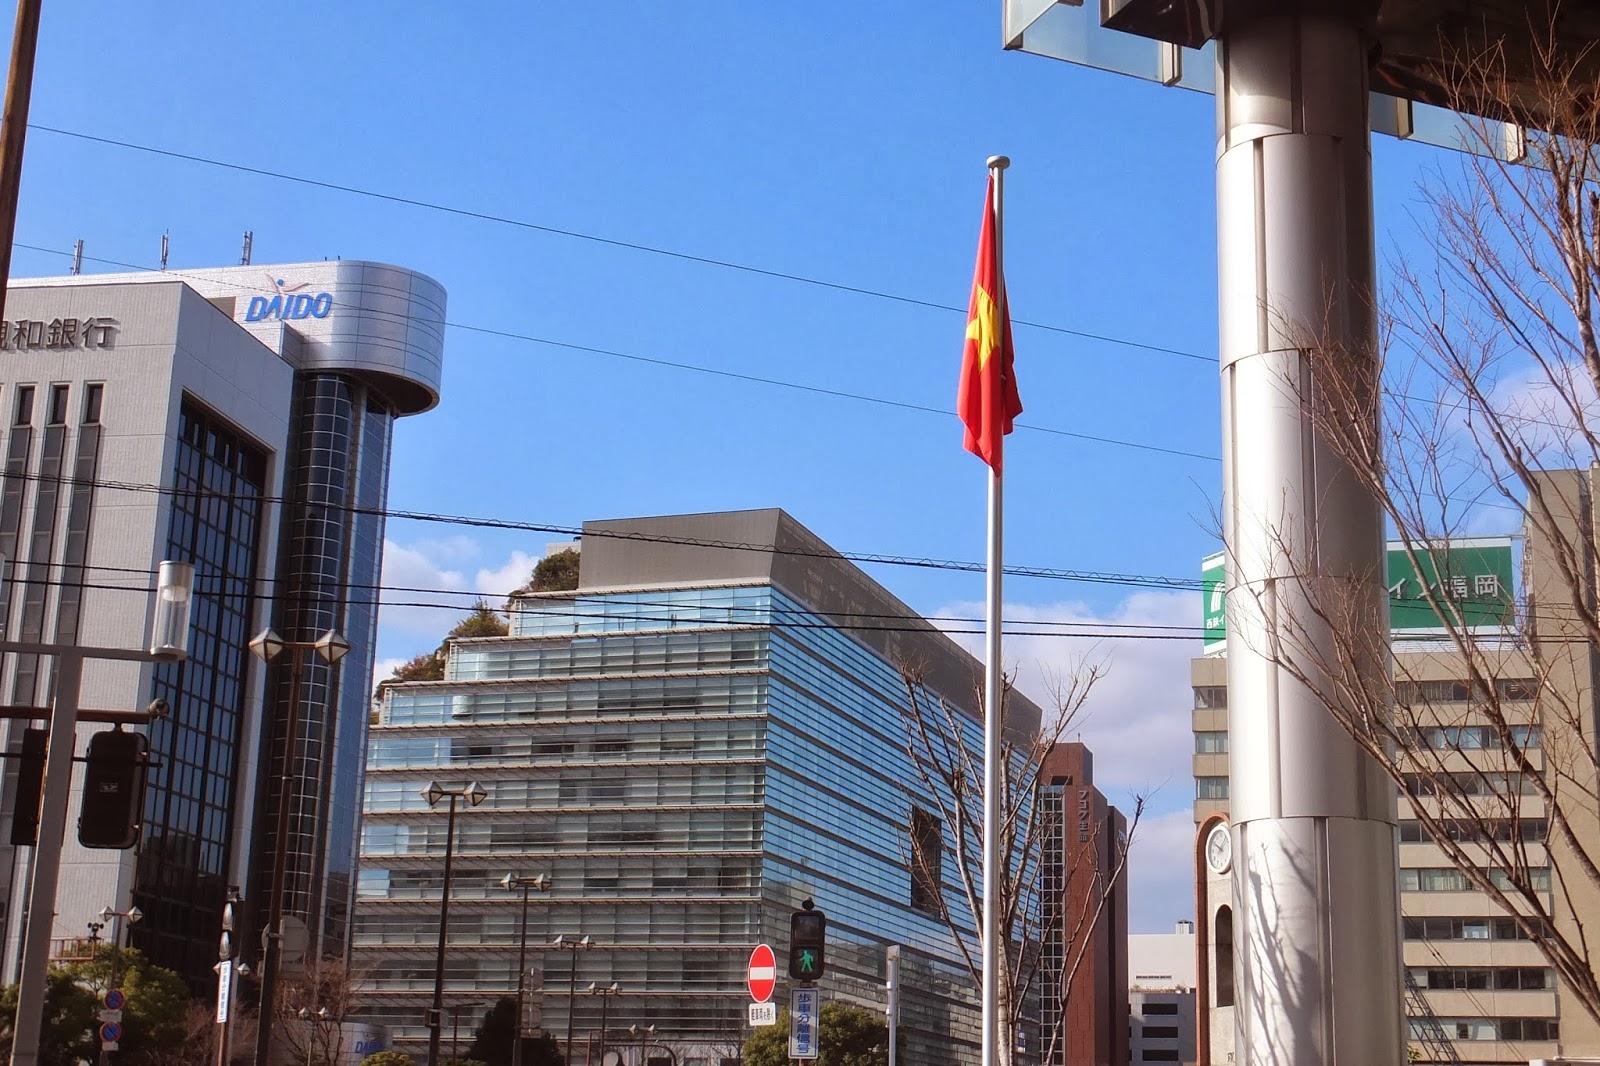 consulate-of-vietnam-infukuoka 福岡のベトナム領事館